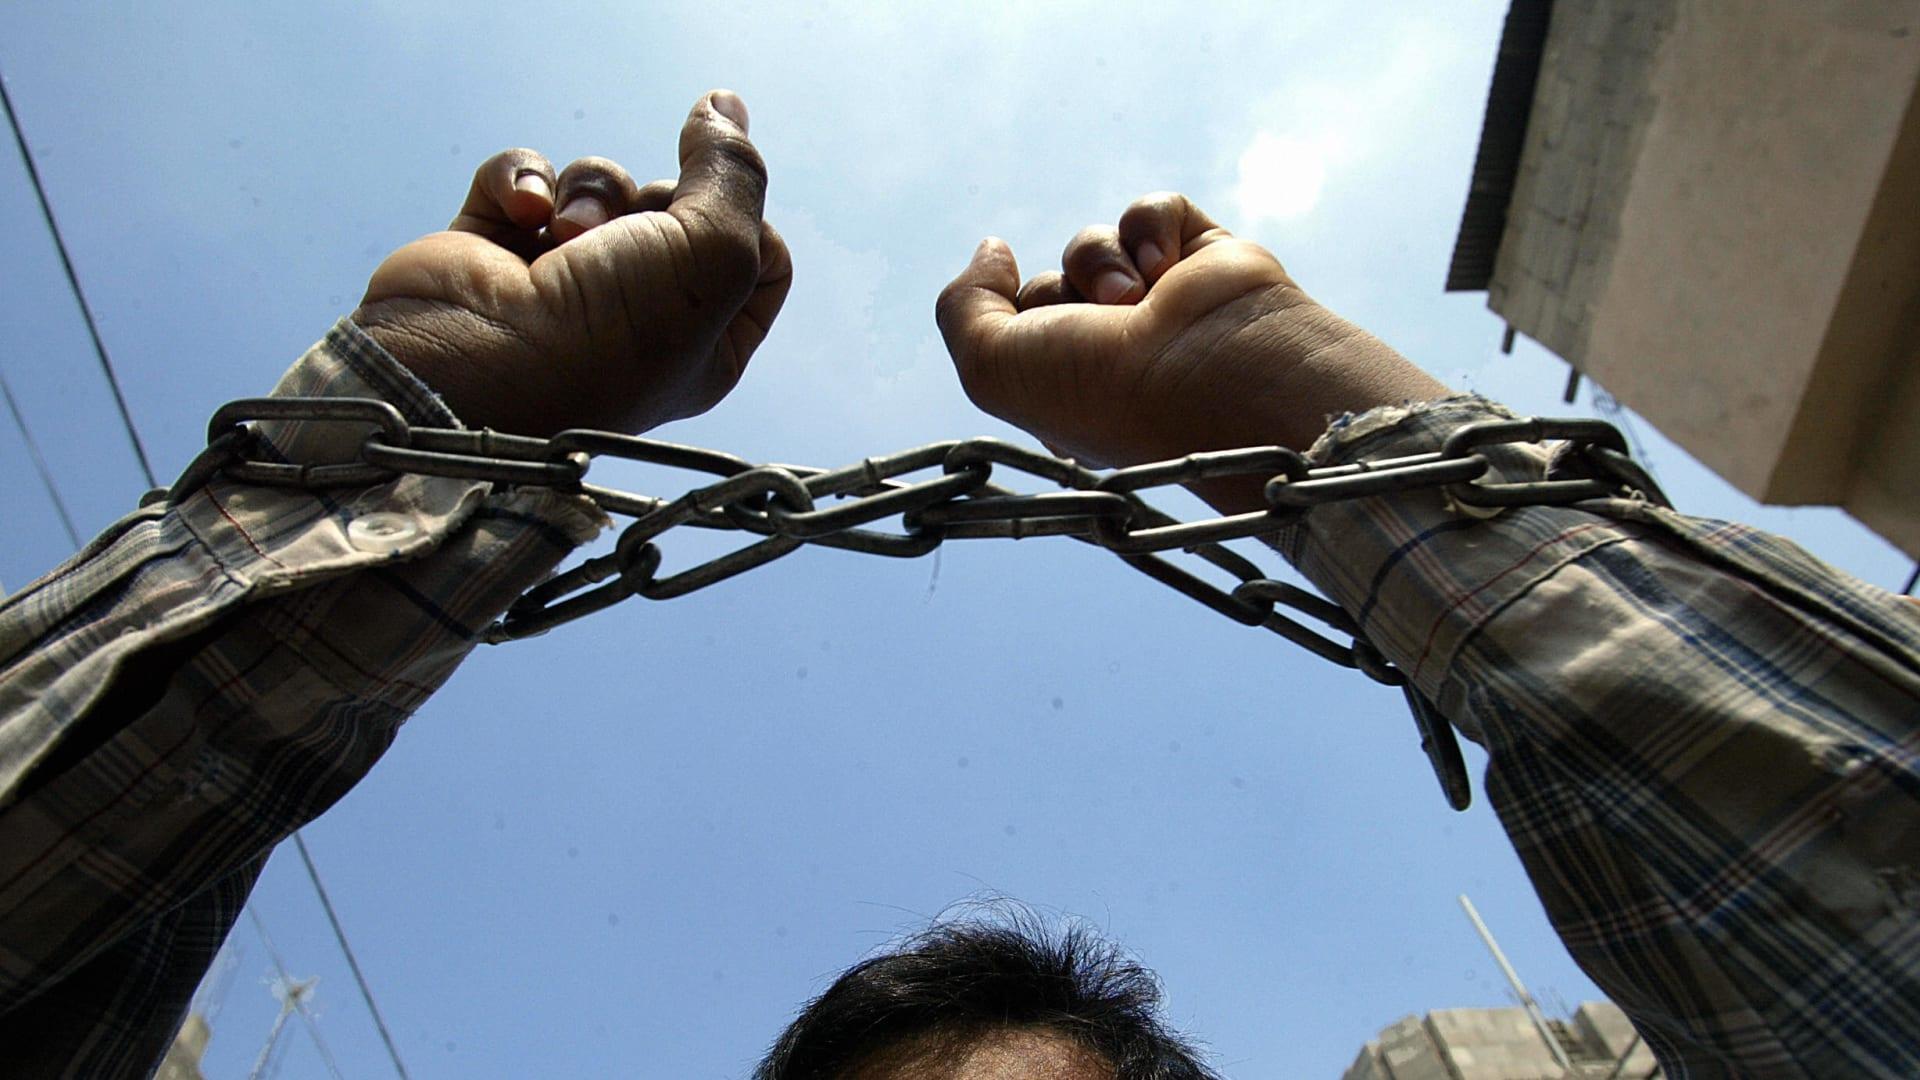 هروب 6 سجناء فلسطينيين في إسرائيل.. والشرطة تلاحقهم بالطائرات المسيرة والمروحية